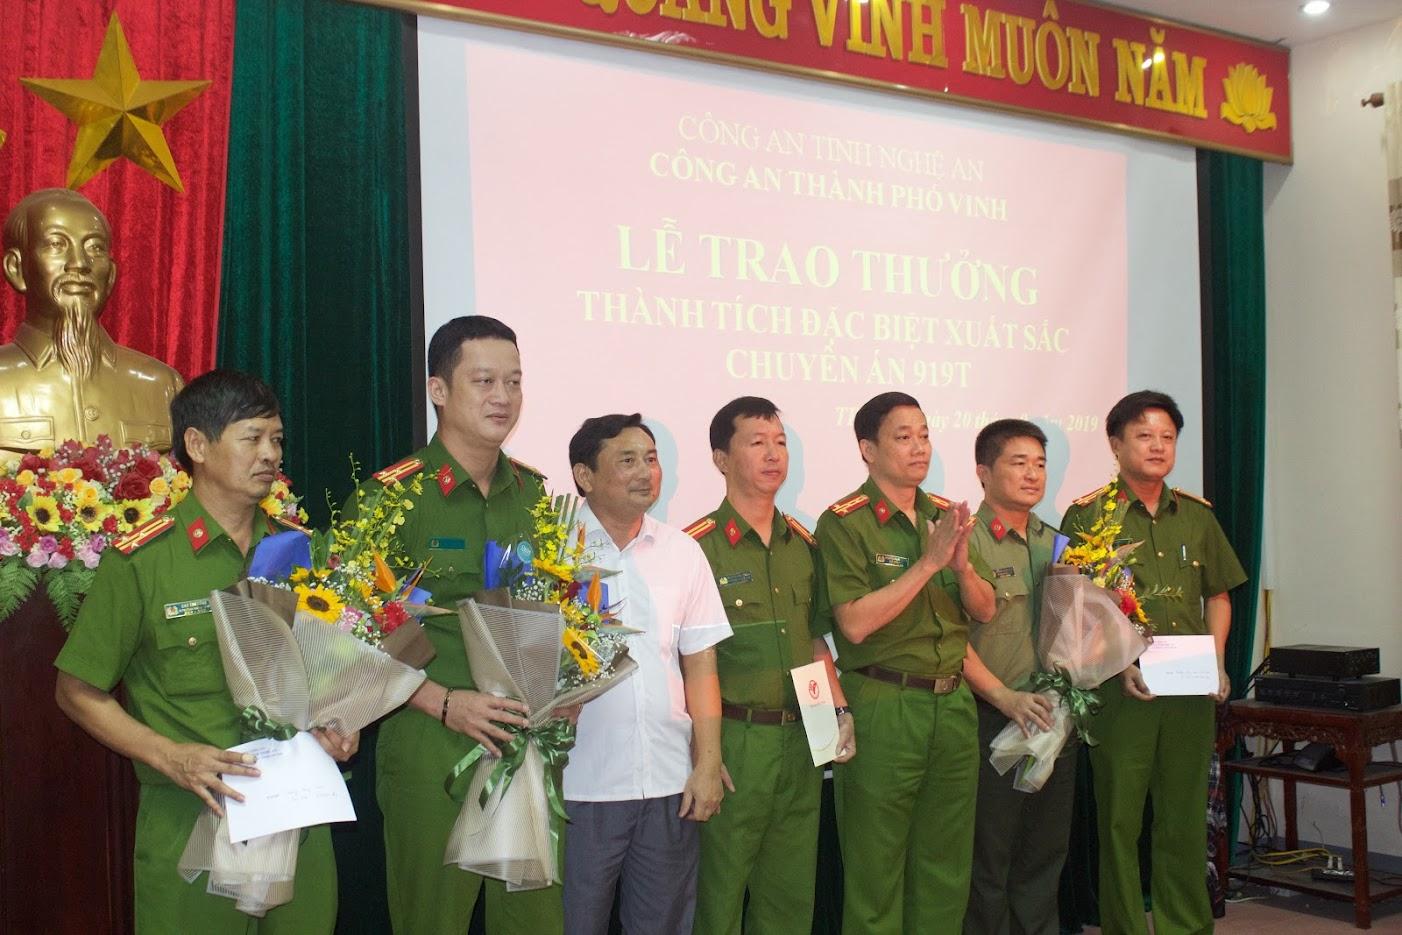 Đ/c Đại tá Nguyễn Mạnh Hùng, Phó Giám đốc Công an tỉnh và đồng chí Đậu Vĩnh Thịnh, Phó Chủ tịch UBND TP Vinh trao thưởng cho đại diên Ban chuyên án 9191T.